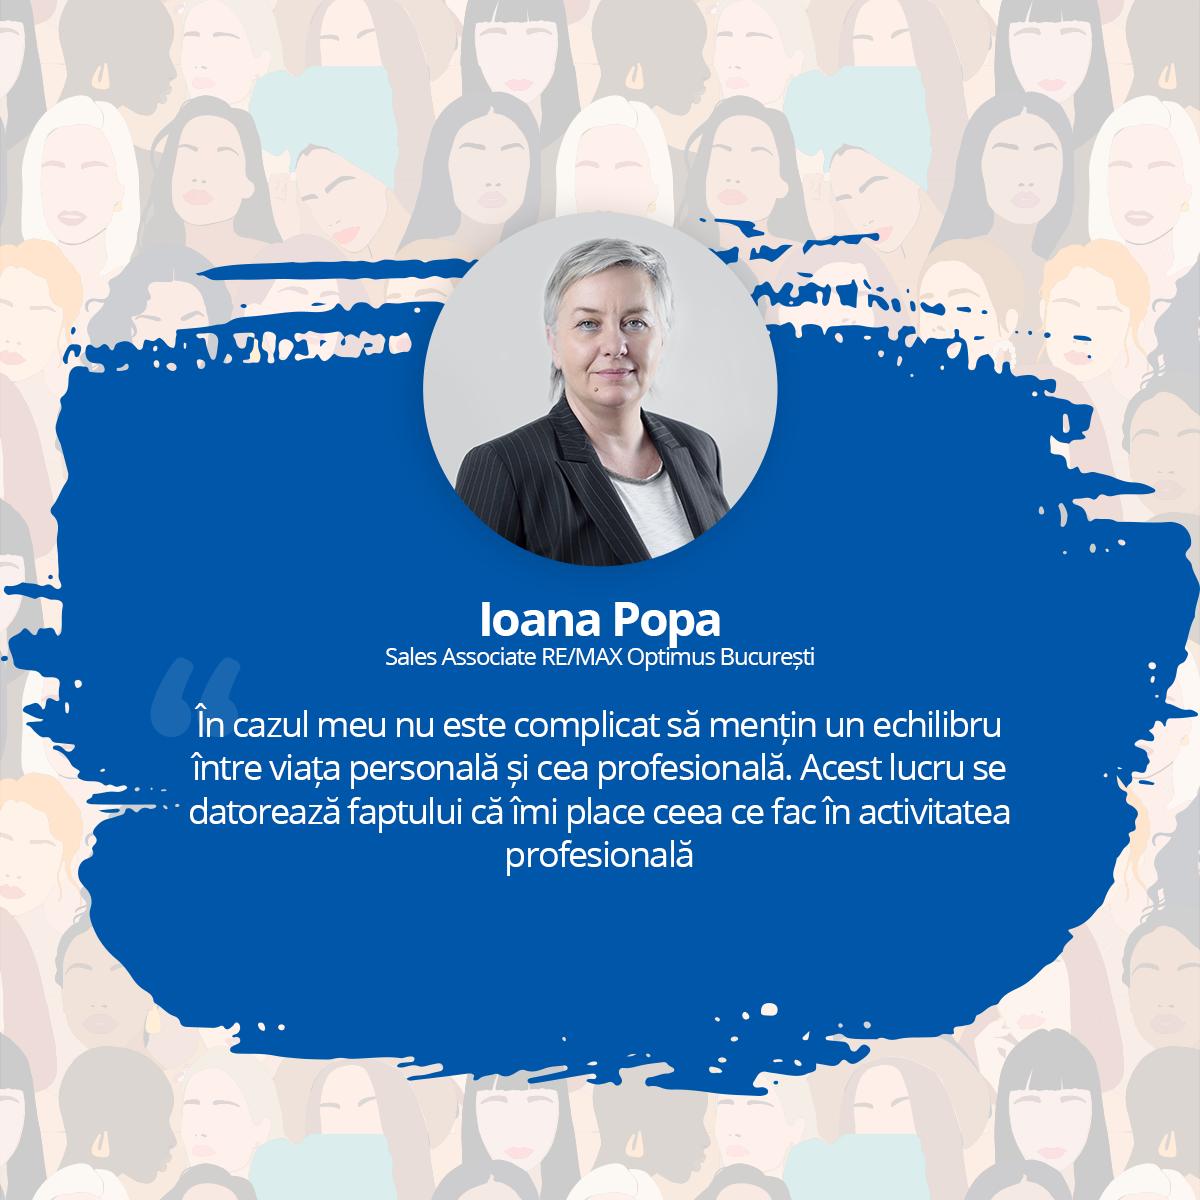 [Interviu - Femei de Succes 2021] Ioana Popa, Sales Associate RE/MAX Optimus